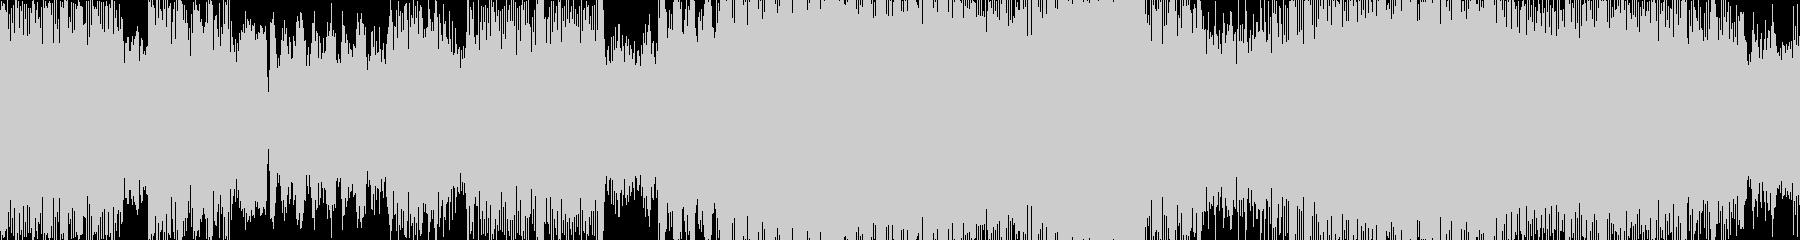 キラキラ感、バブル時代のディスコ風EDMの未再生の波形